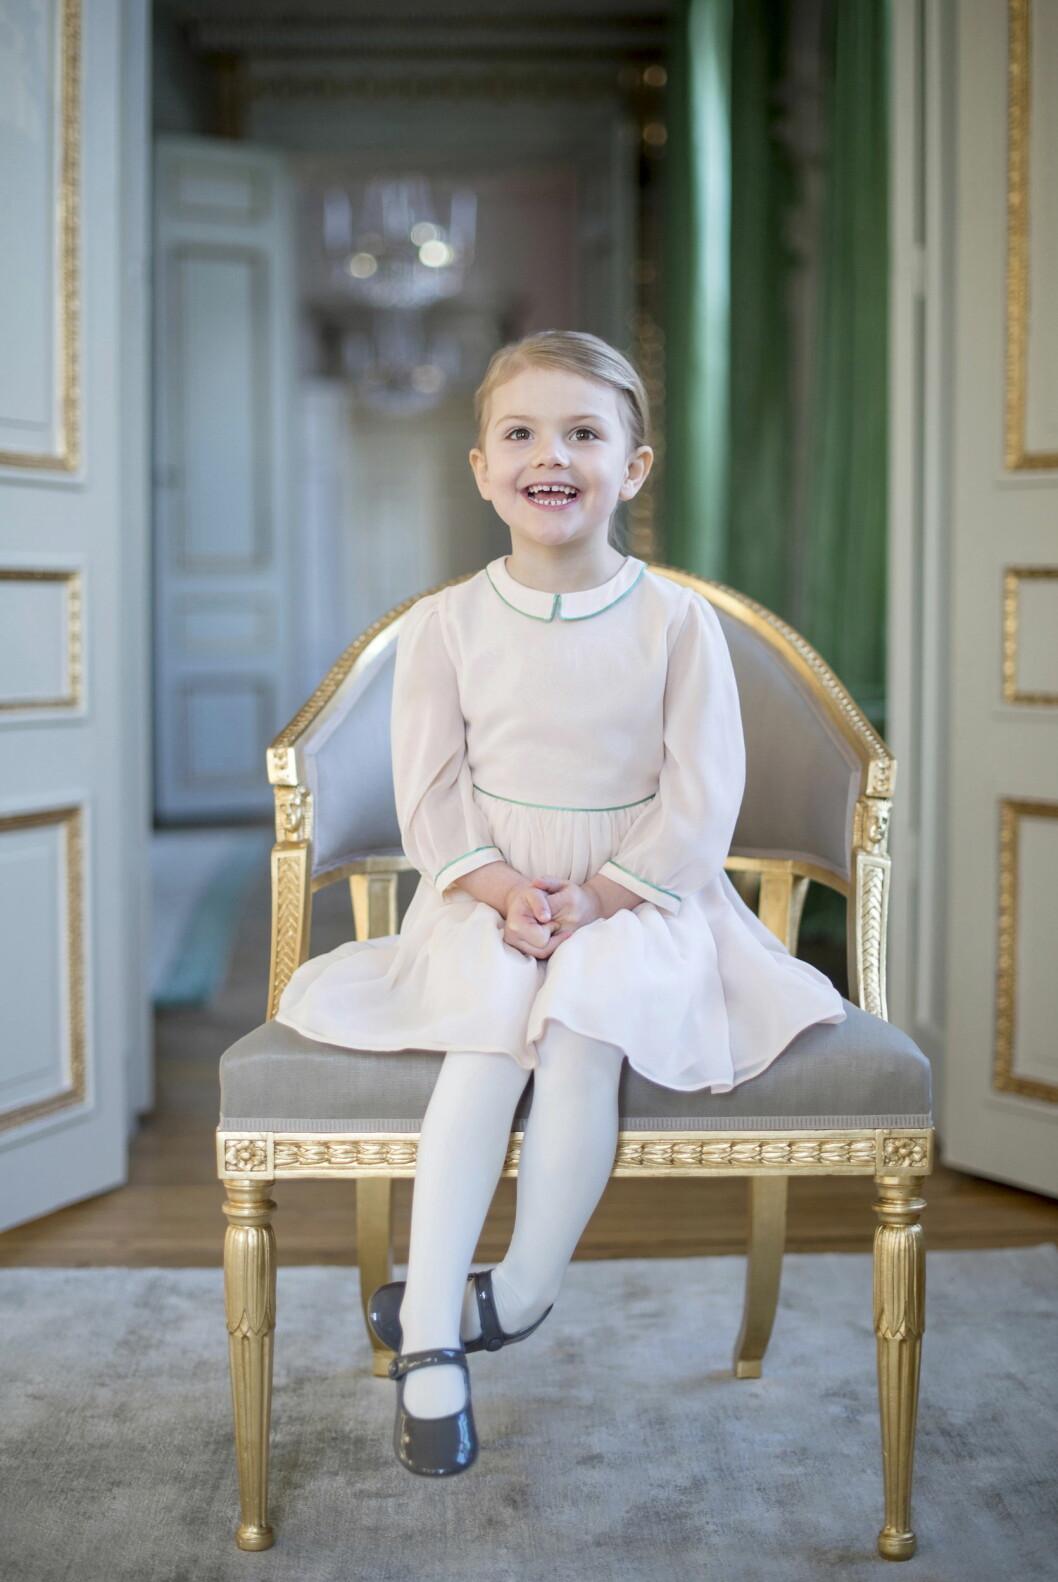 STOR PIKE: Prinsesse Estelle er kjempeglad over å endelig ha blitt storesølster til prins Oscar. Foto: Kungahuset